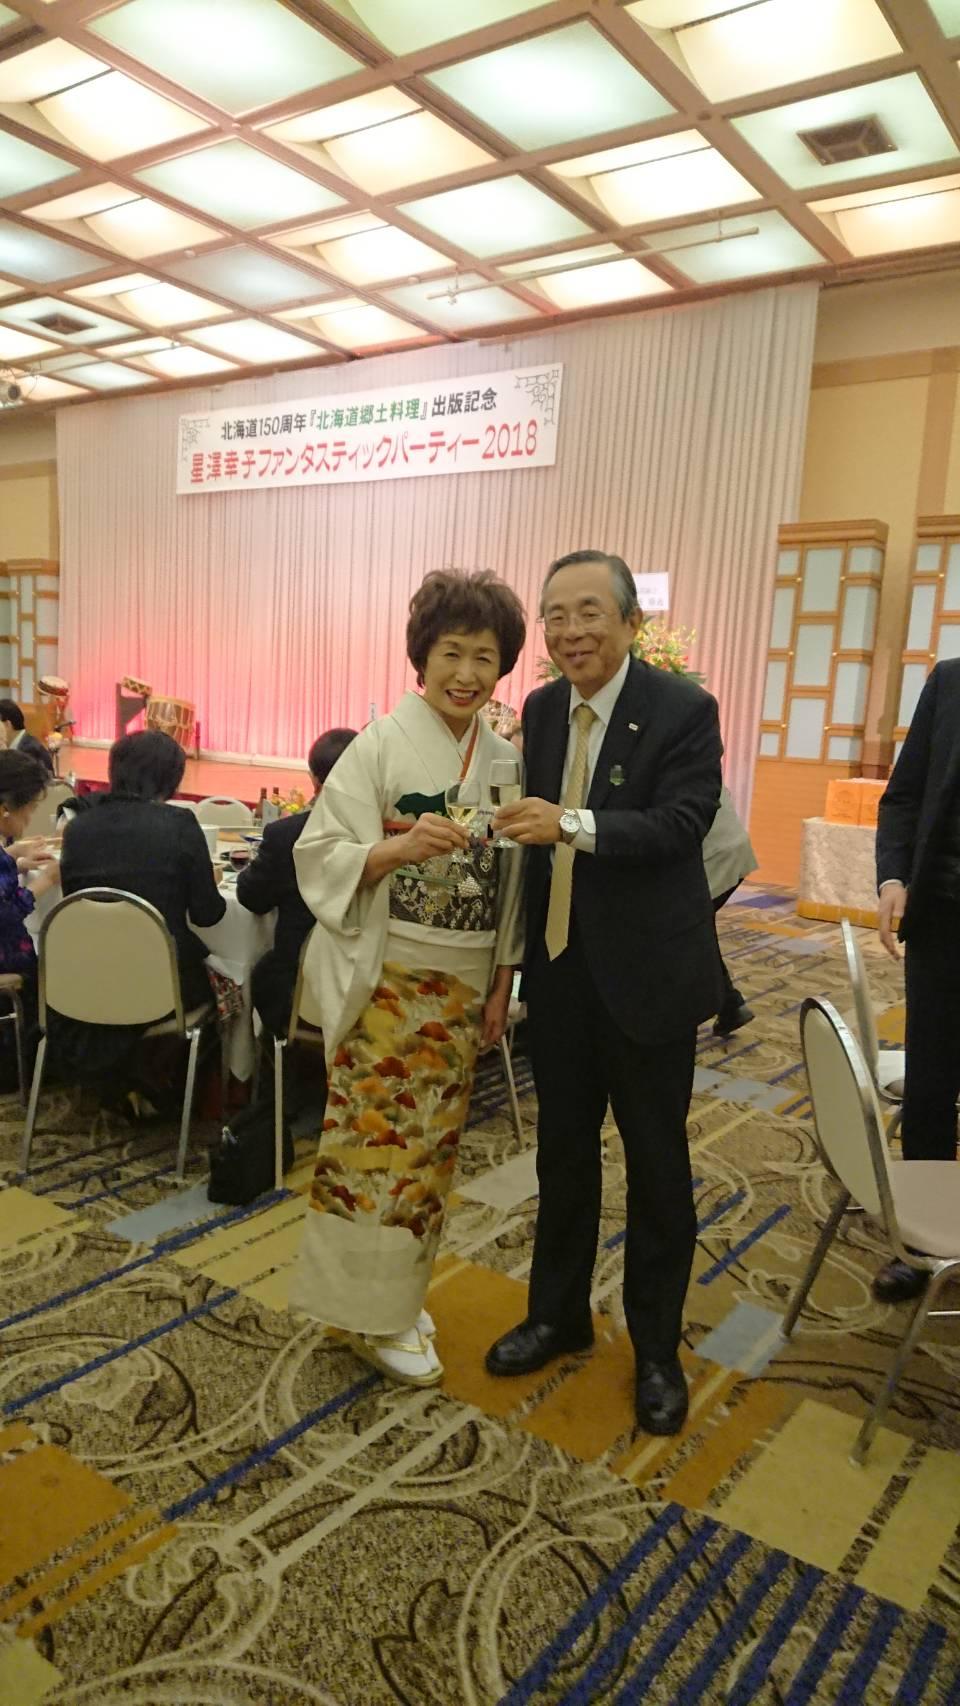 星澤幸子先生のパーティーに弊社社長が出席させて頂きました。